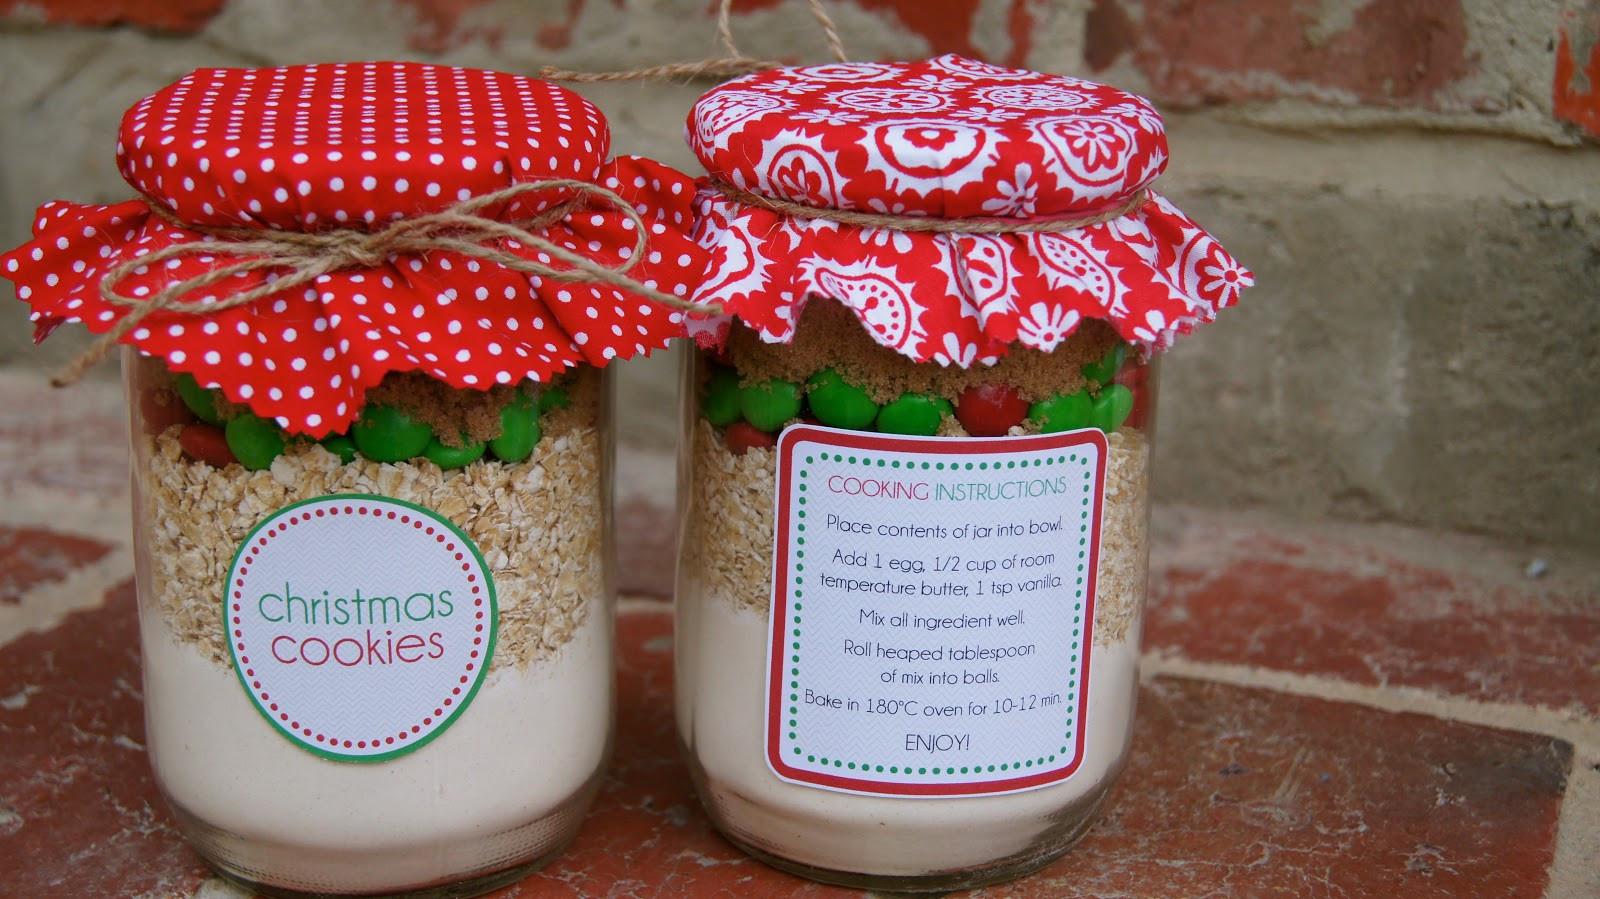 Christmas Cookies In Ajar  Christmas Cookies in a Jar